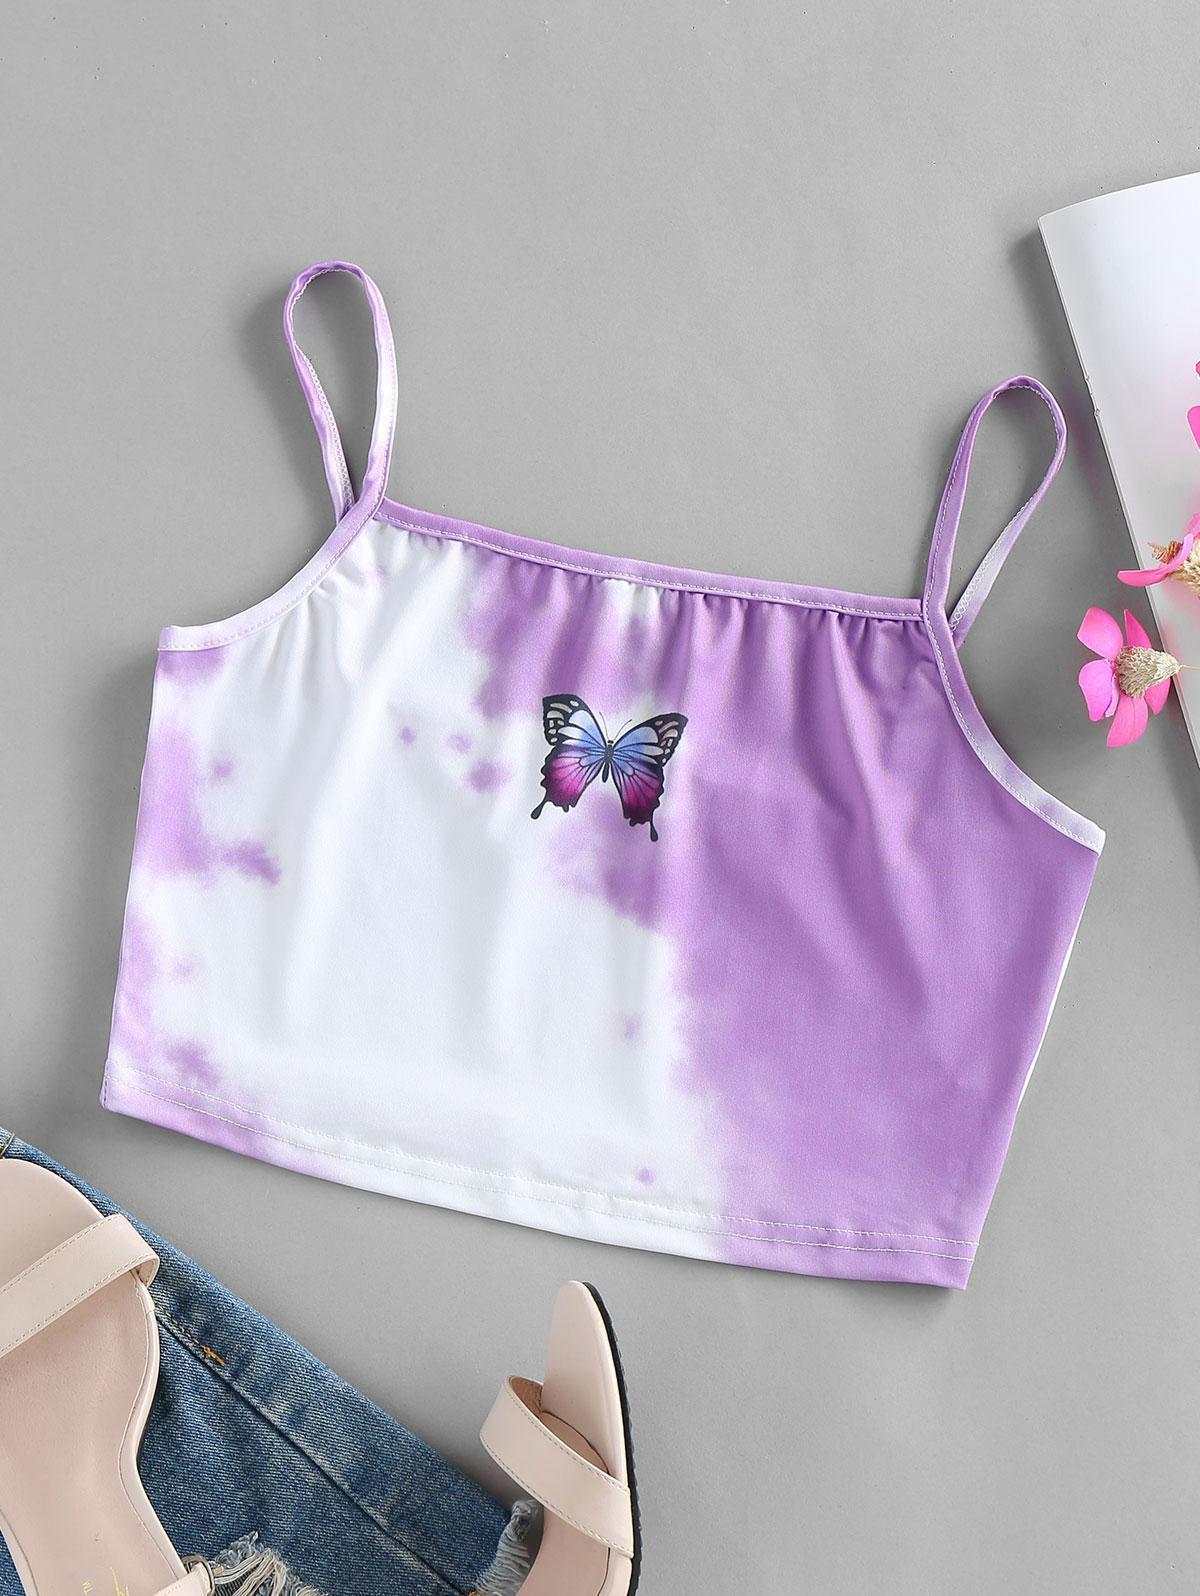 ZAFUL Tie Dye Butterfly Print Crop Cami Top